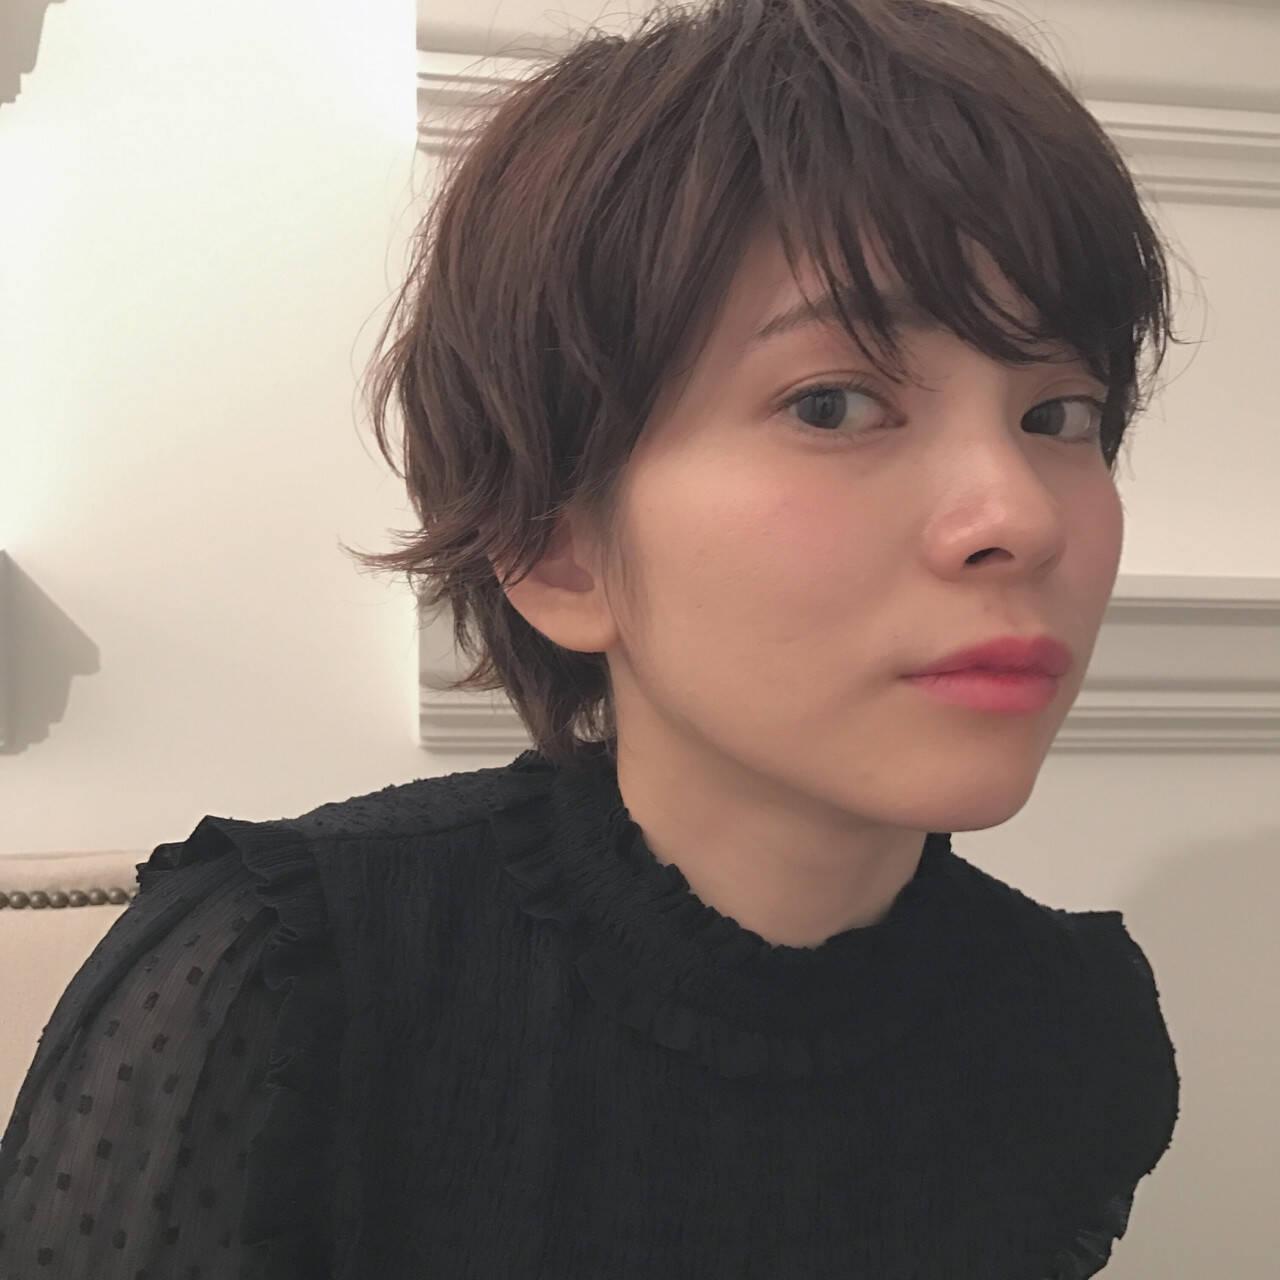 ニュアンス 大人女子 黒髪 ショートヘアスタイルや髪型の写真・画像